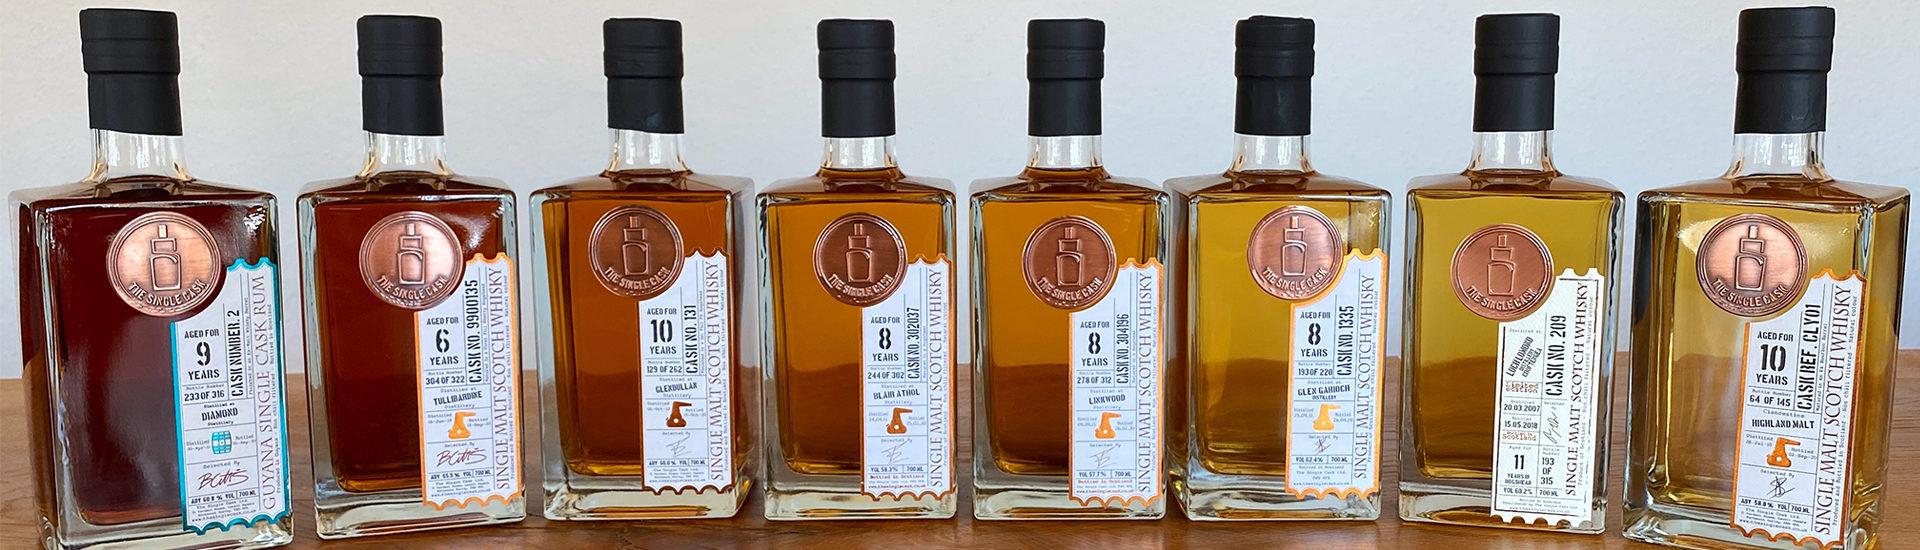 New TSC Bottles at Fadandel.dk